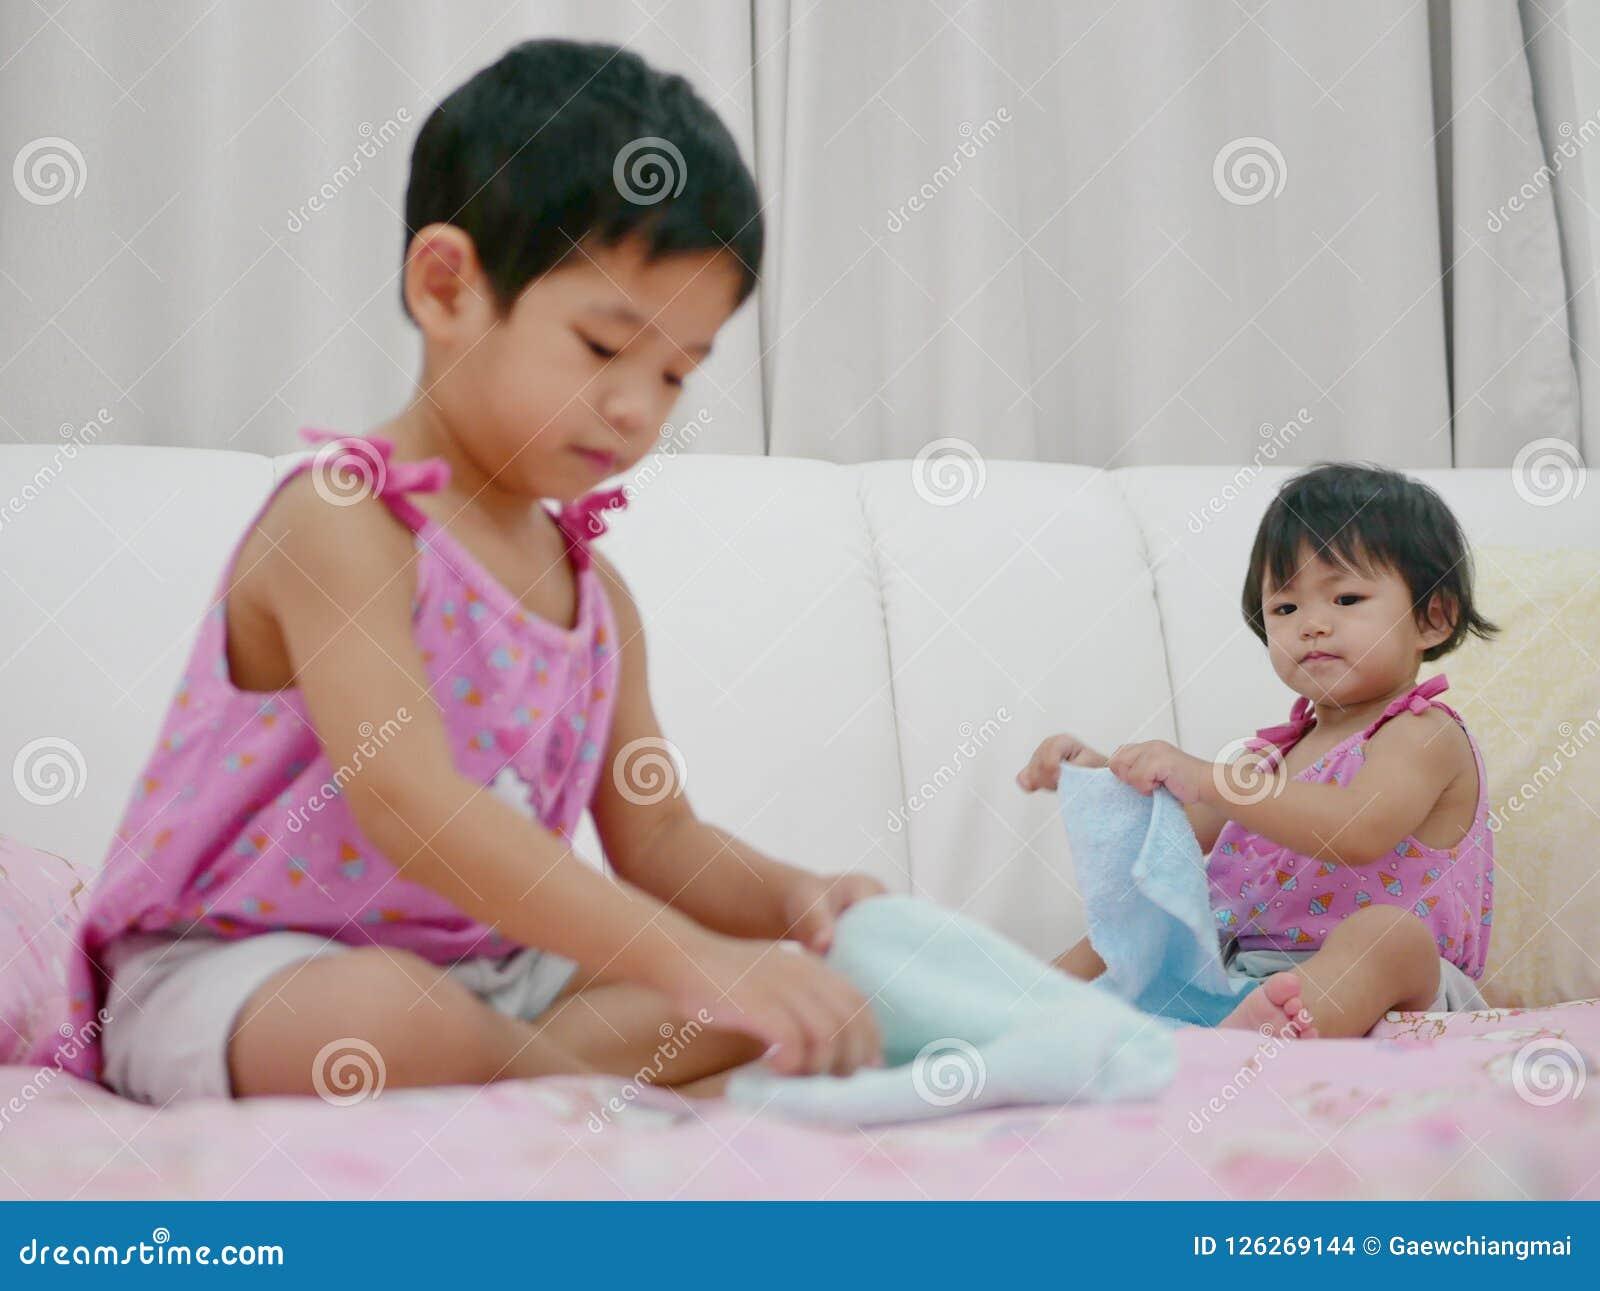 Mała Azjatycka dziewczynka, 18 miesięcy starzy, jej stara siostrzana falcowanie próba, ubrania, i robić ten sam rzeczy